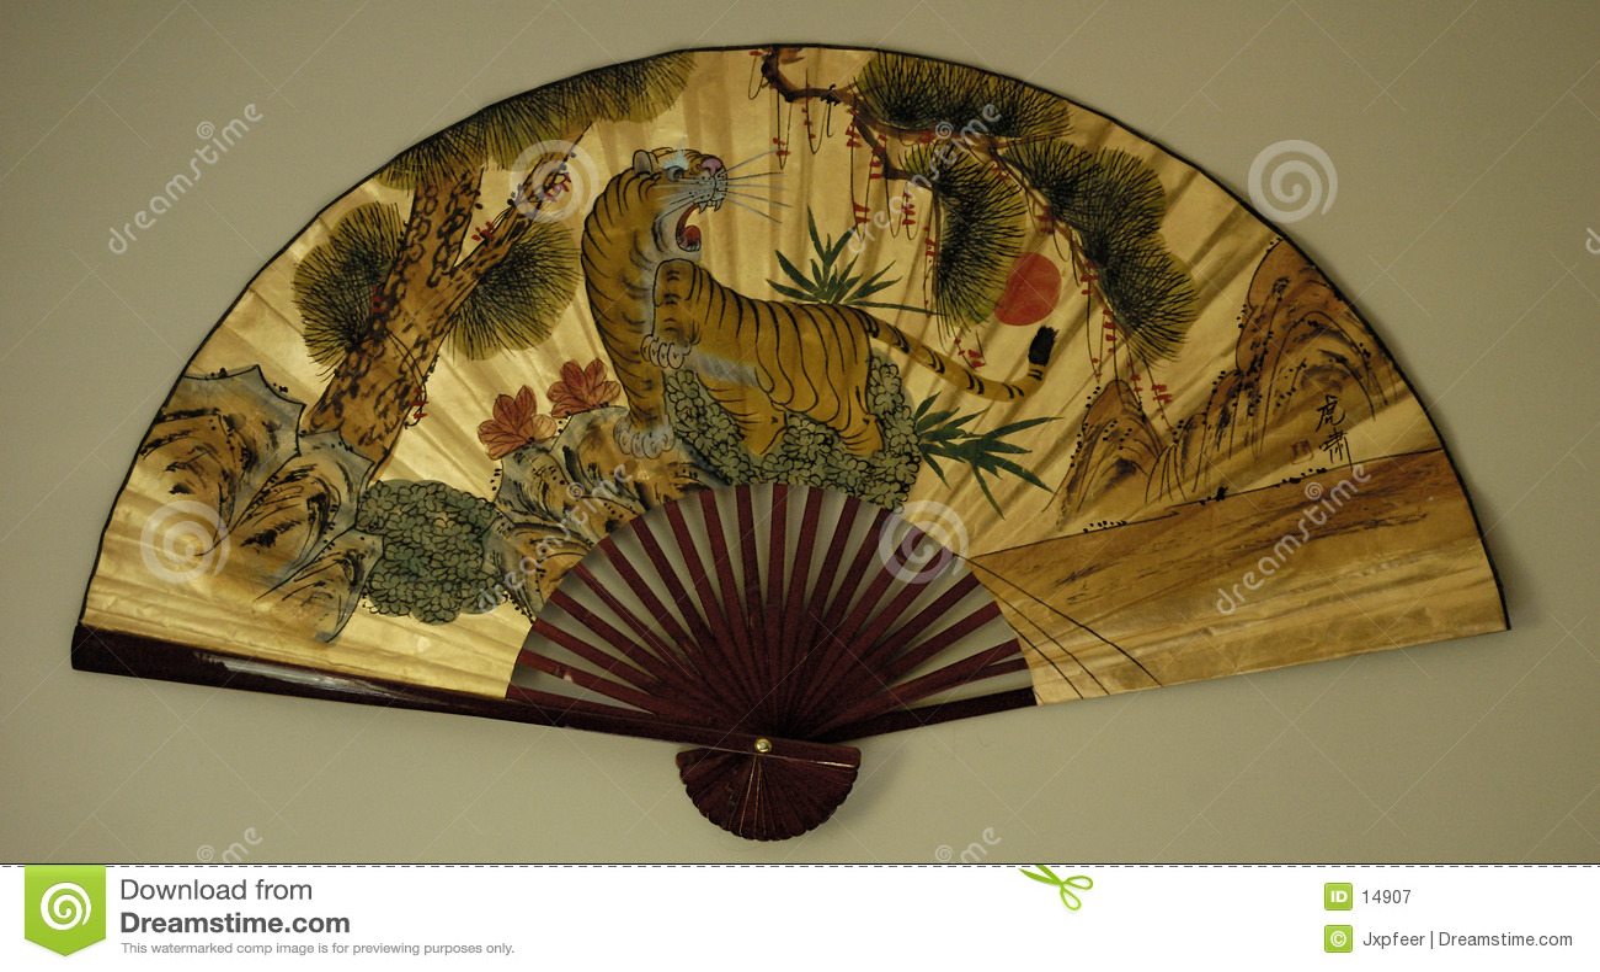 Ventilador asiático 1